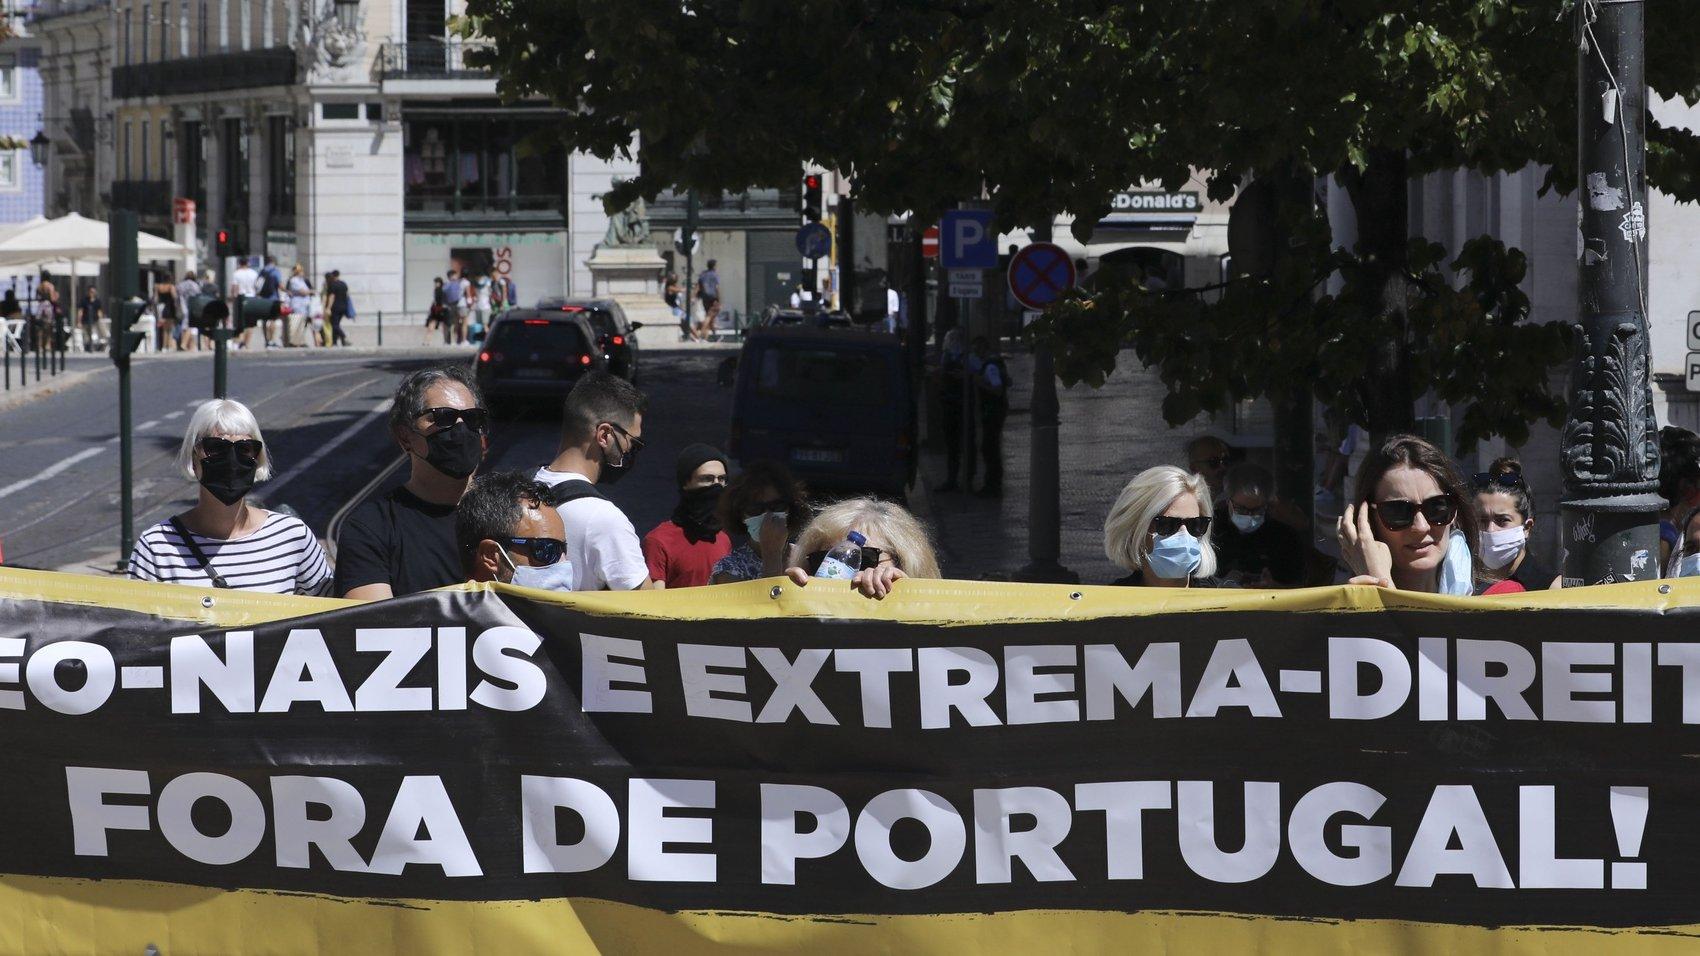 """Ativistas durante a concentração """"Unidos Contra O Fascismo"""" organizada pela Frente Unitária Antifascista """"contra discursos xenófobos, racistas e tentativas de intimidação"""" e """"face às ameaças e chantagens por parte de organizações de extrema-direita neonazis que recairam sobre sete ativistas antifascistas e anti-racistas e três deputadas"""", que decorreu no Largo do Camões, Lisboa, 16 de agosto de 2020. ANTÓNIO COTRIM/LUSA"""